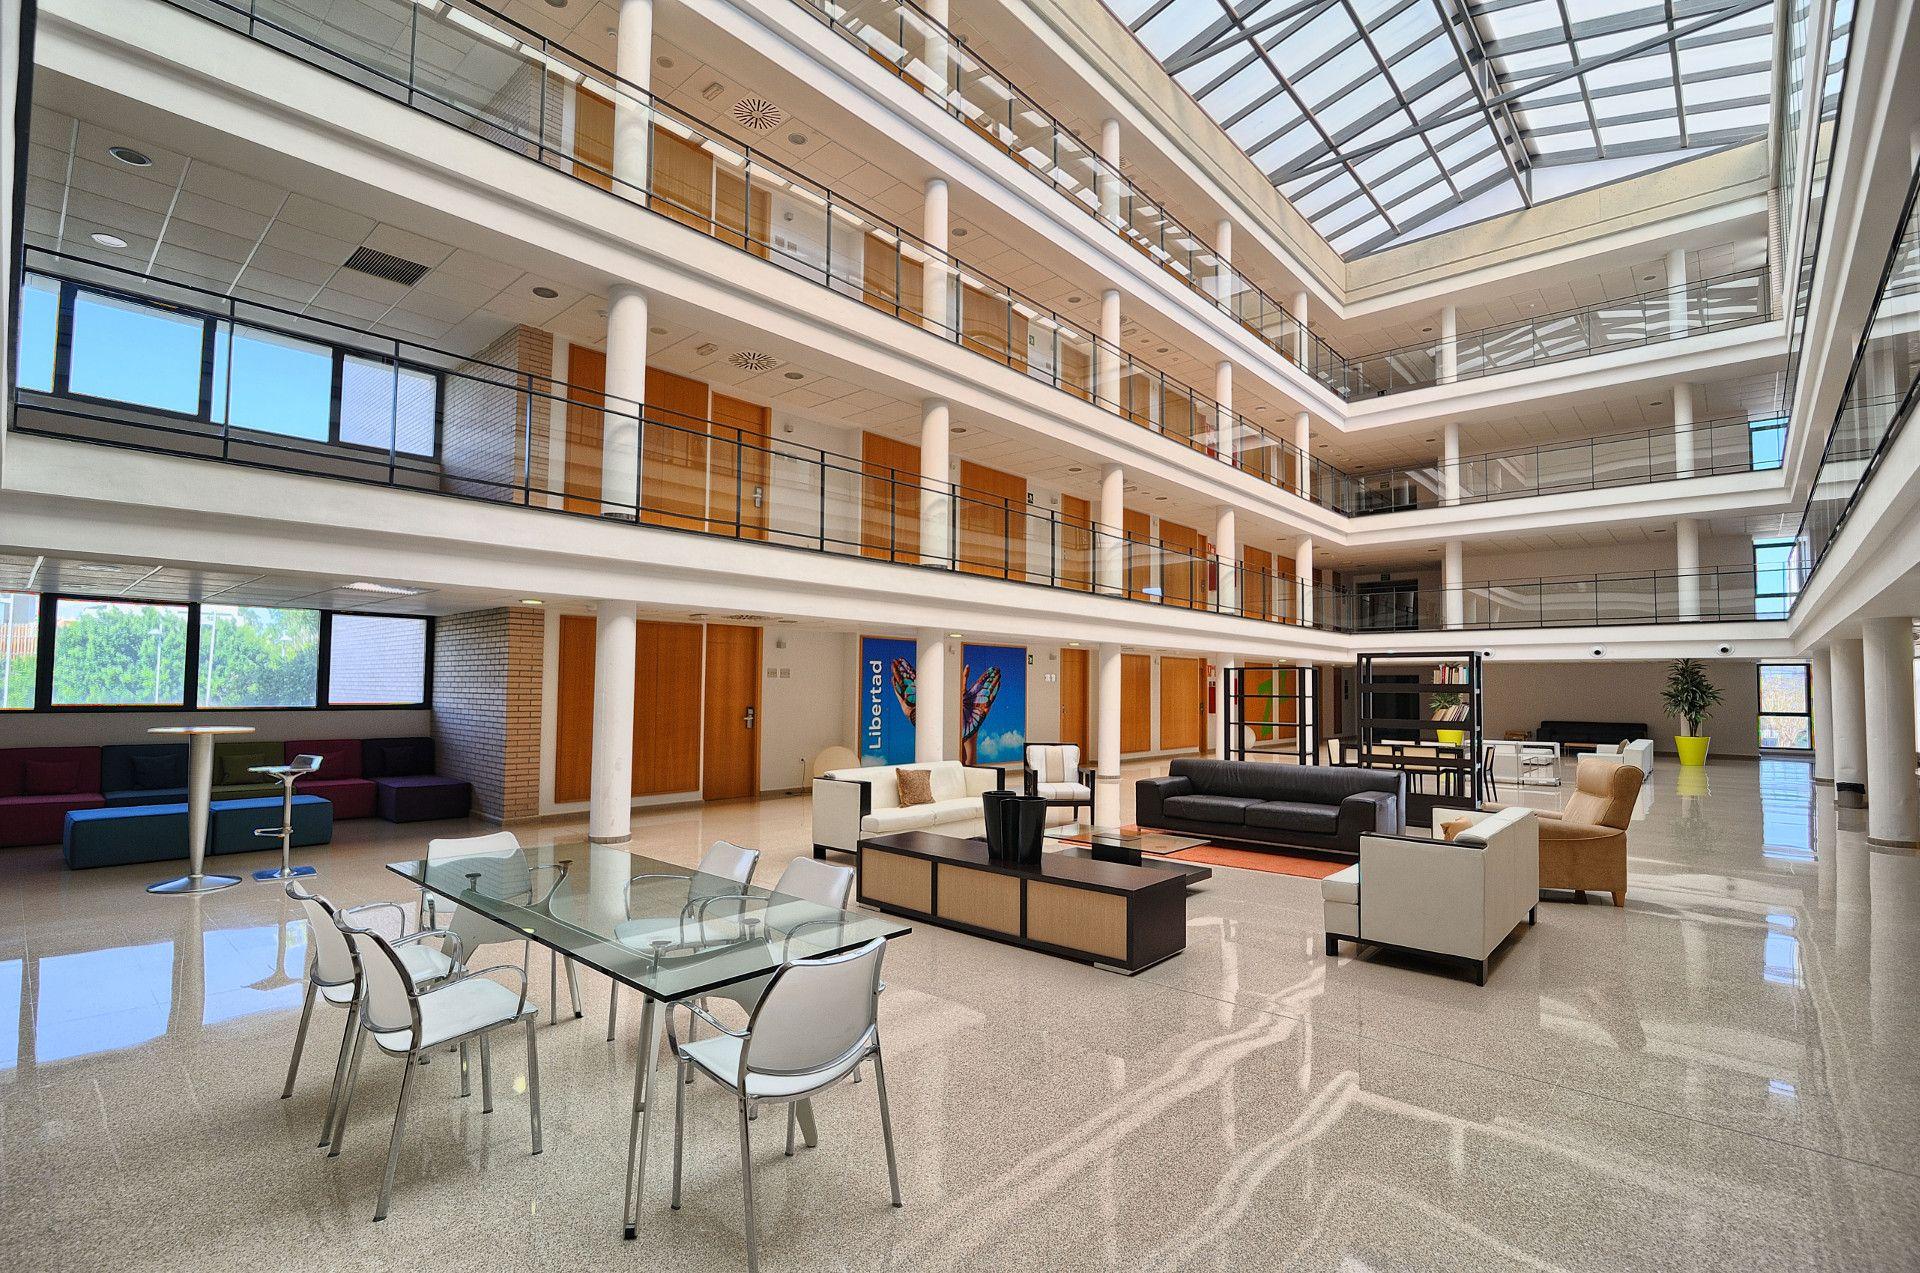 La Villa Universitaria de Alicante inicia su proceso de venta por 19,6 millones